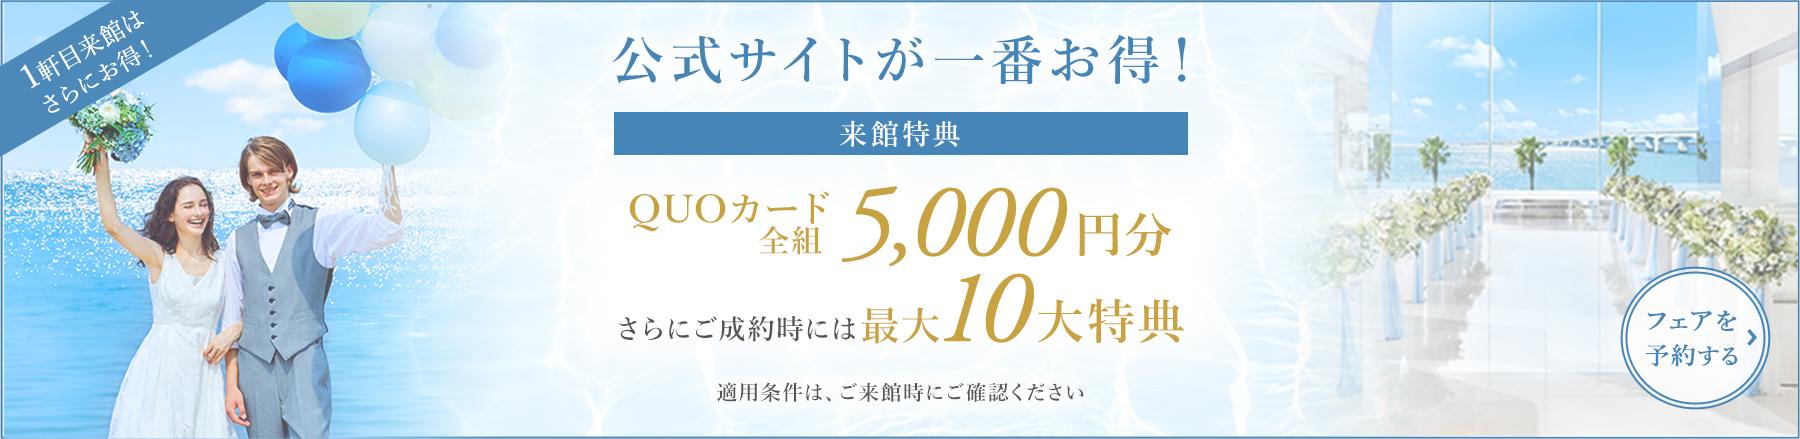 公式サイトが一番お得!QUOカード5,000円分 ご成約時には最大10大特典